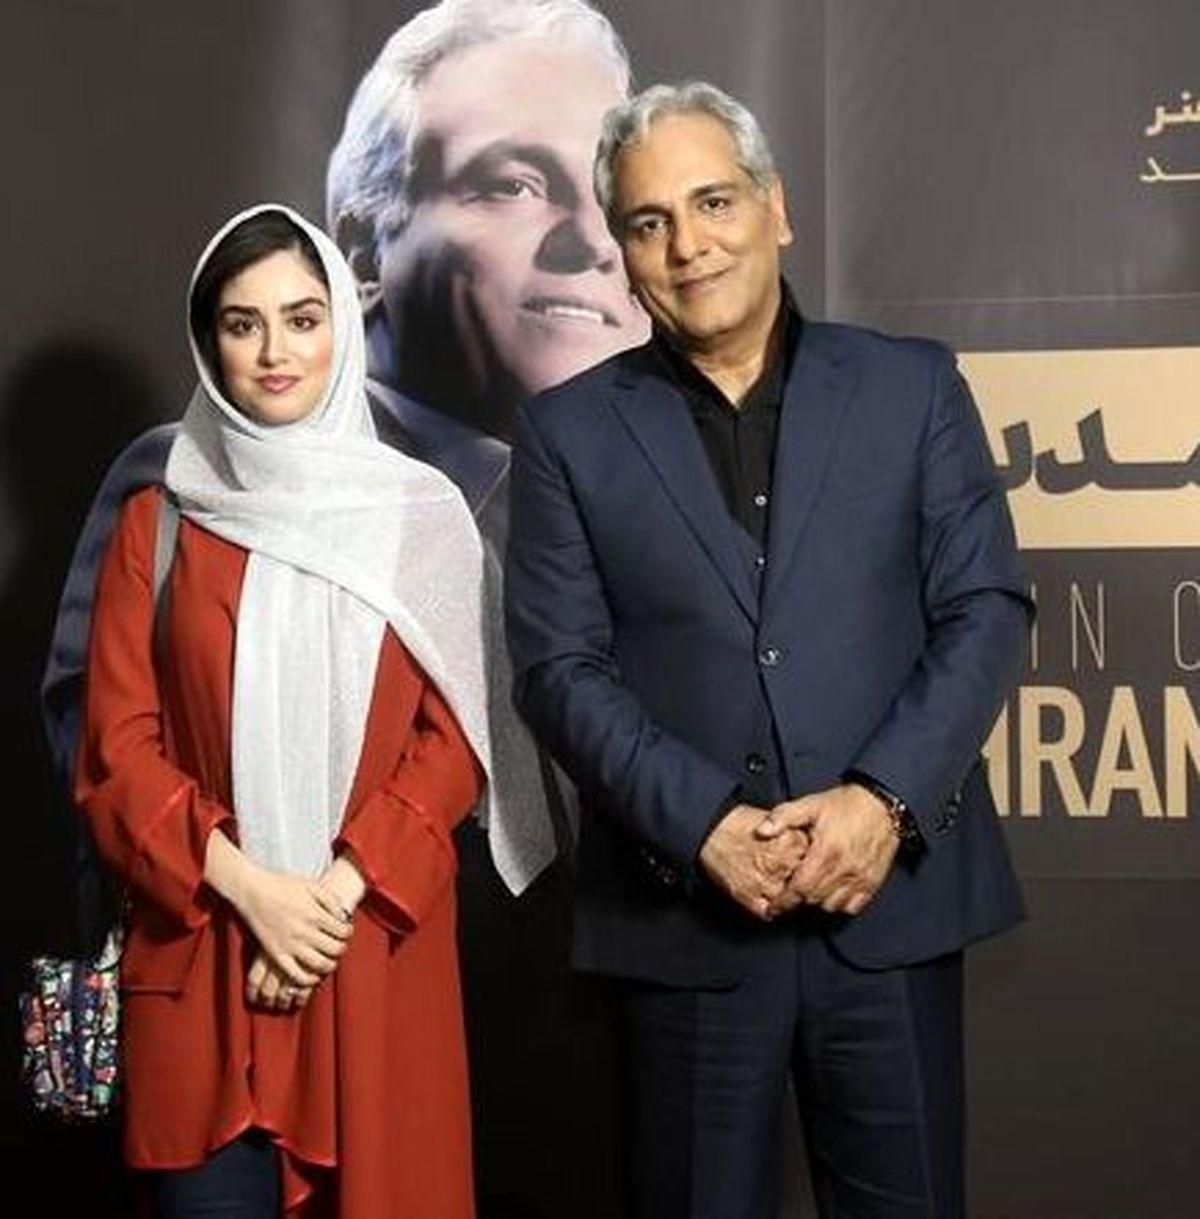 اختلاف سنی مهران مدیری و همسرش جنجالی شد + عکس همسر مهران مدیری